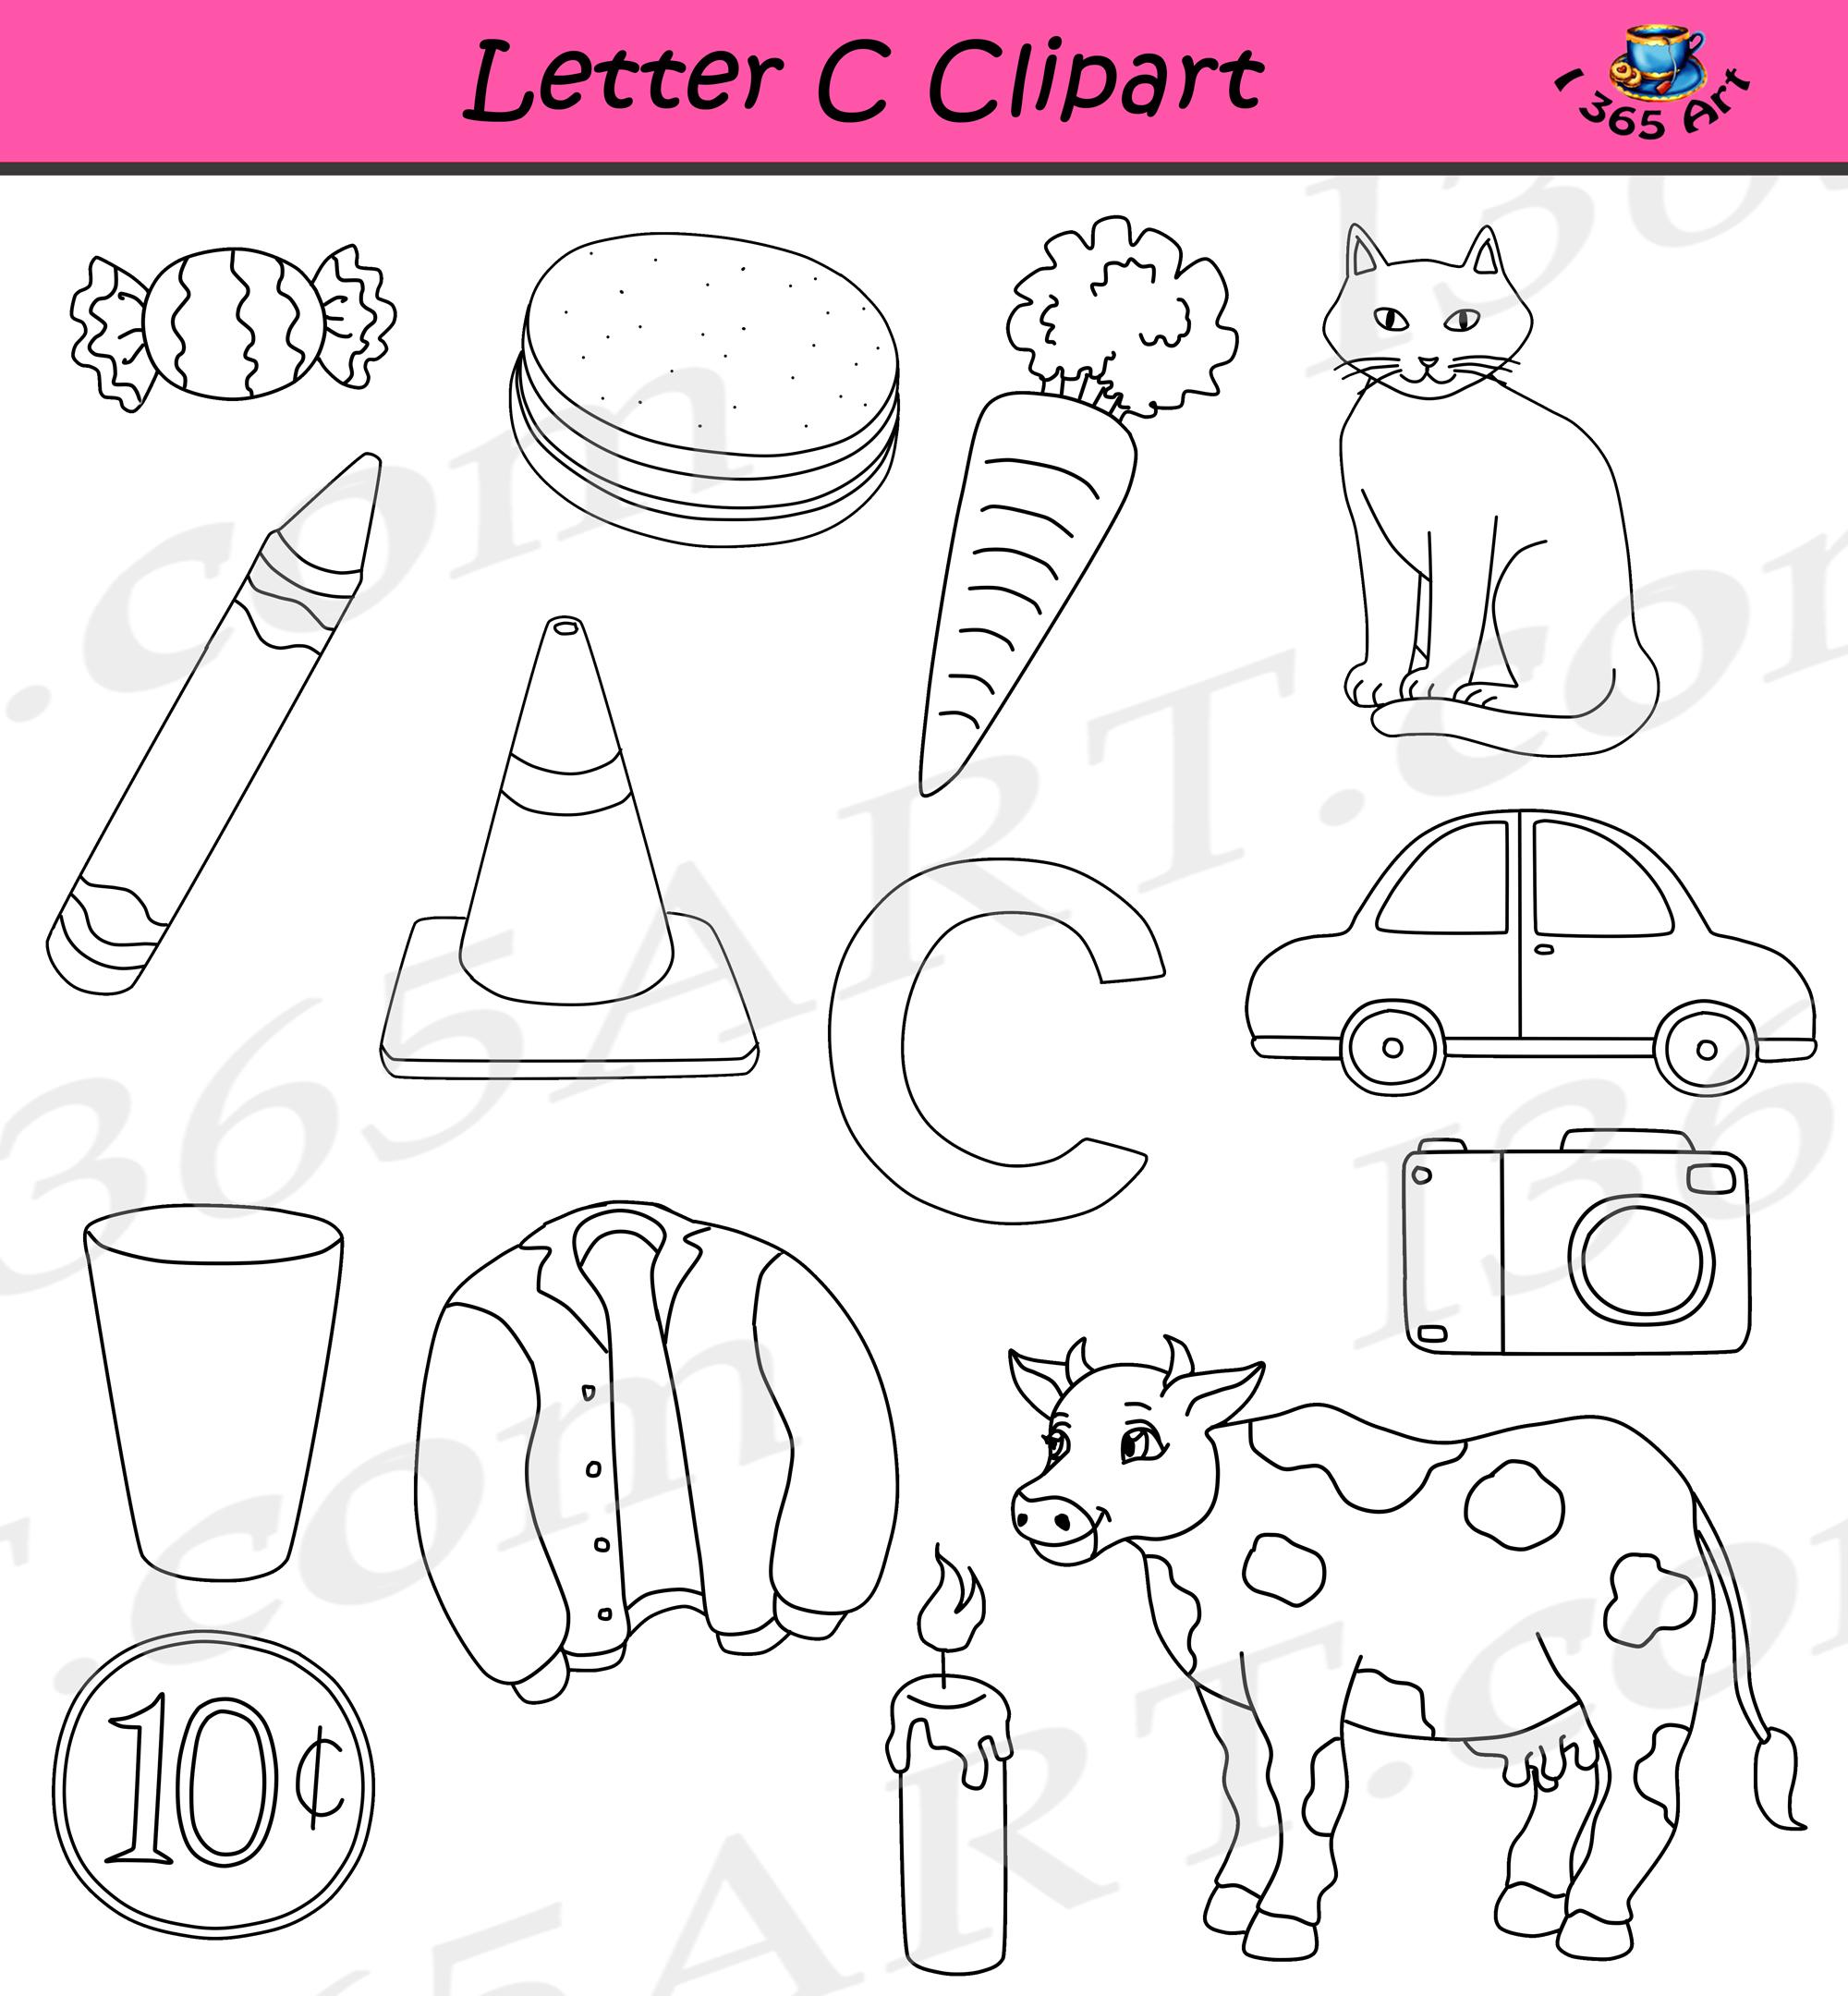 Letter C Clipart